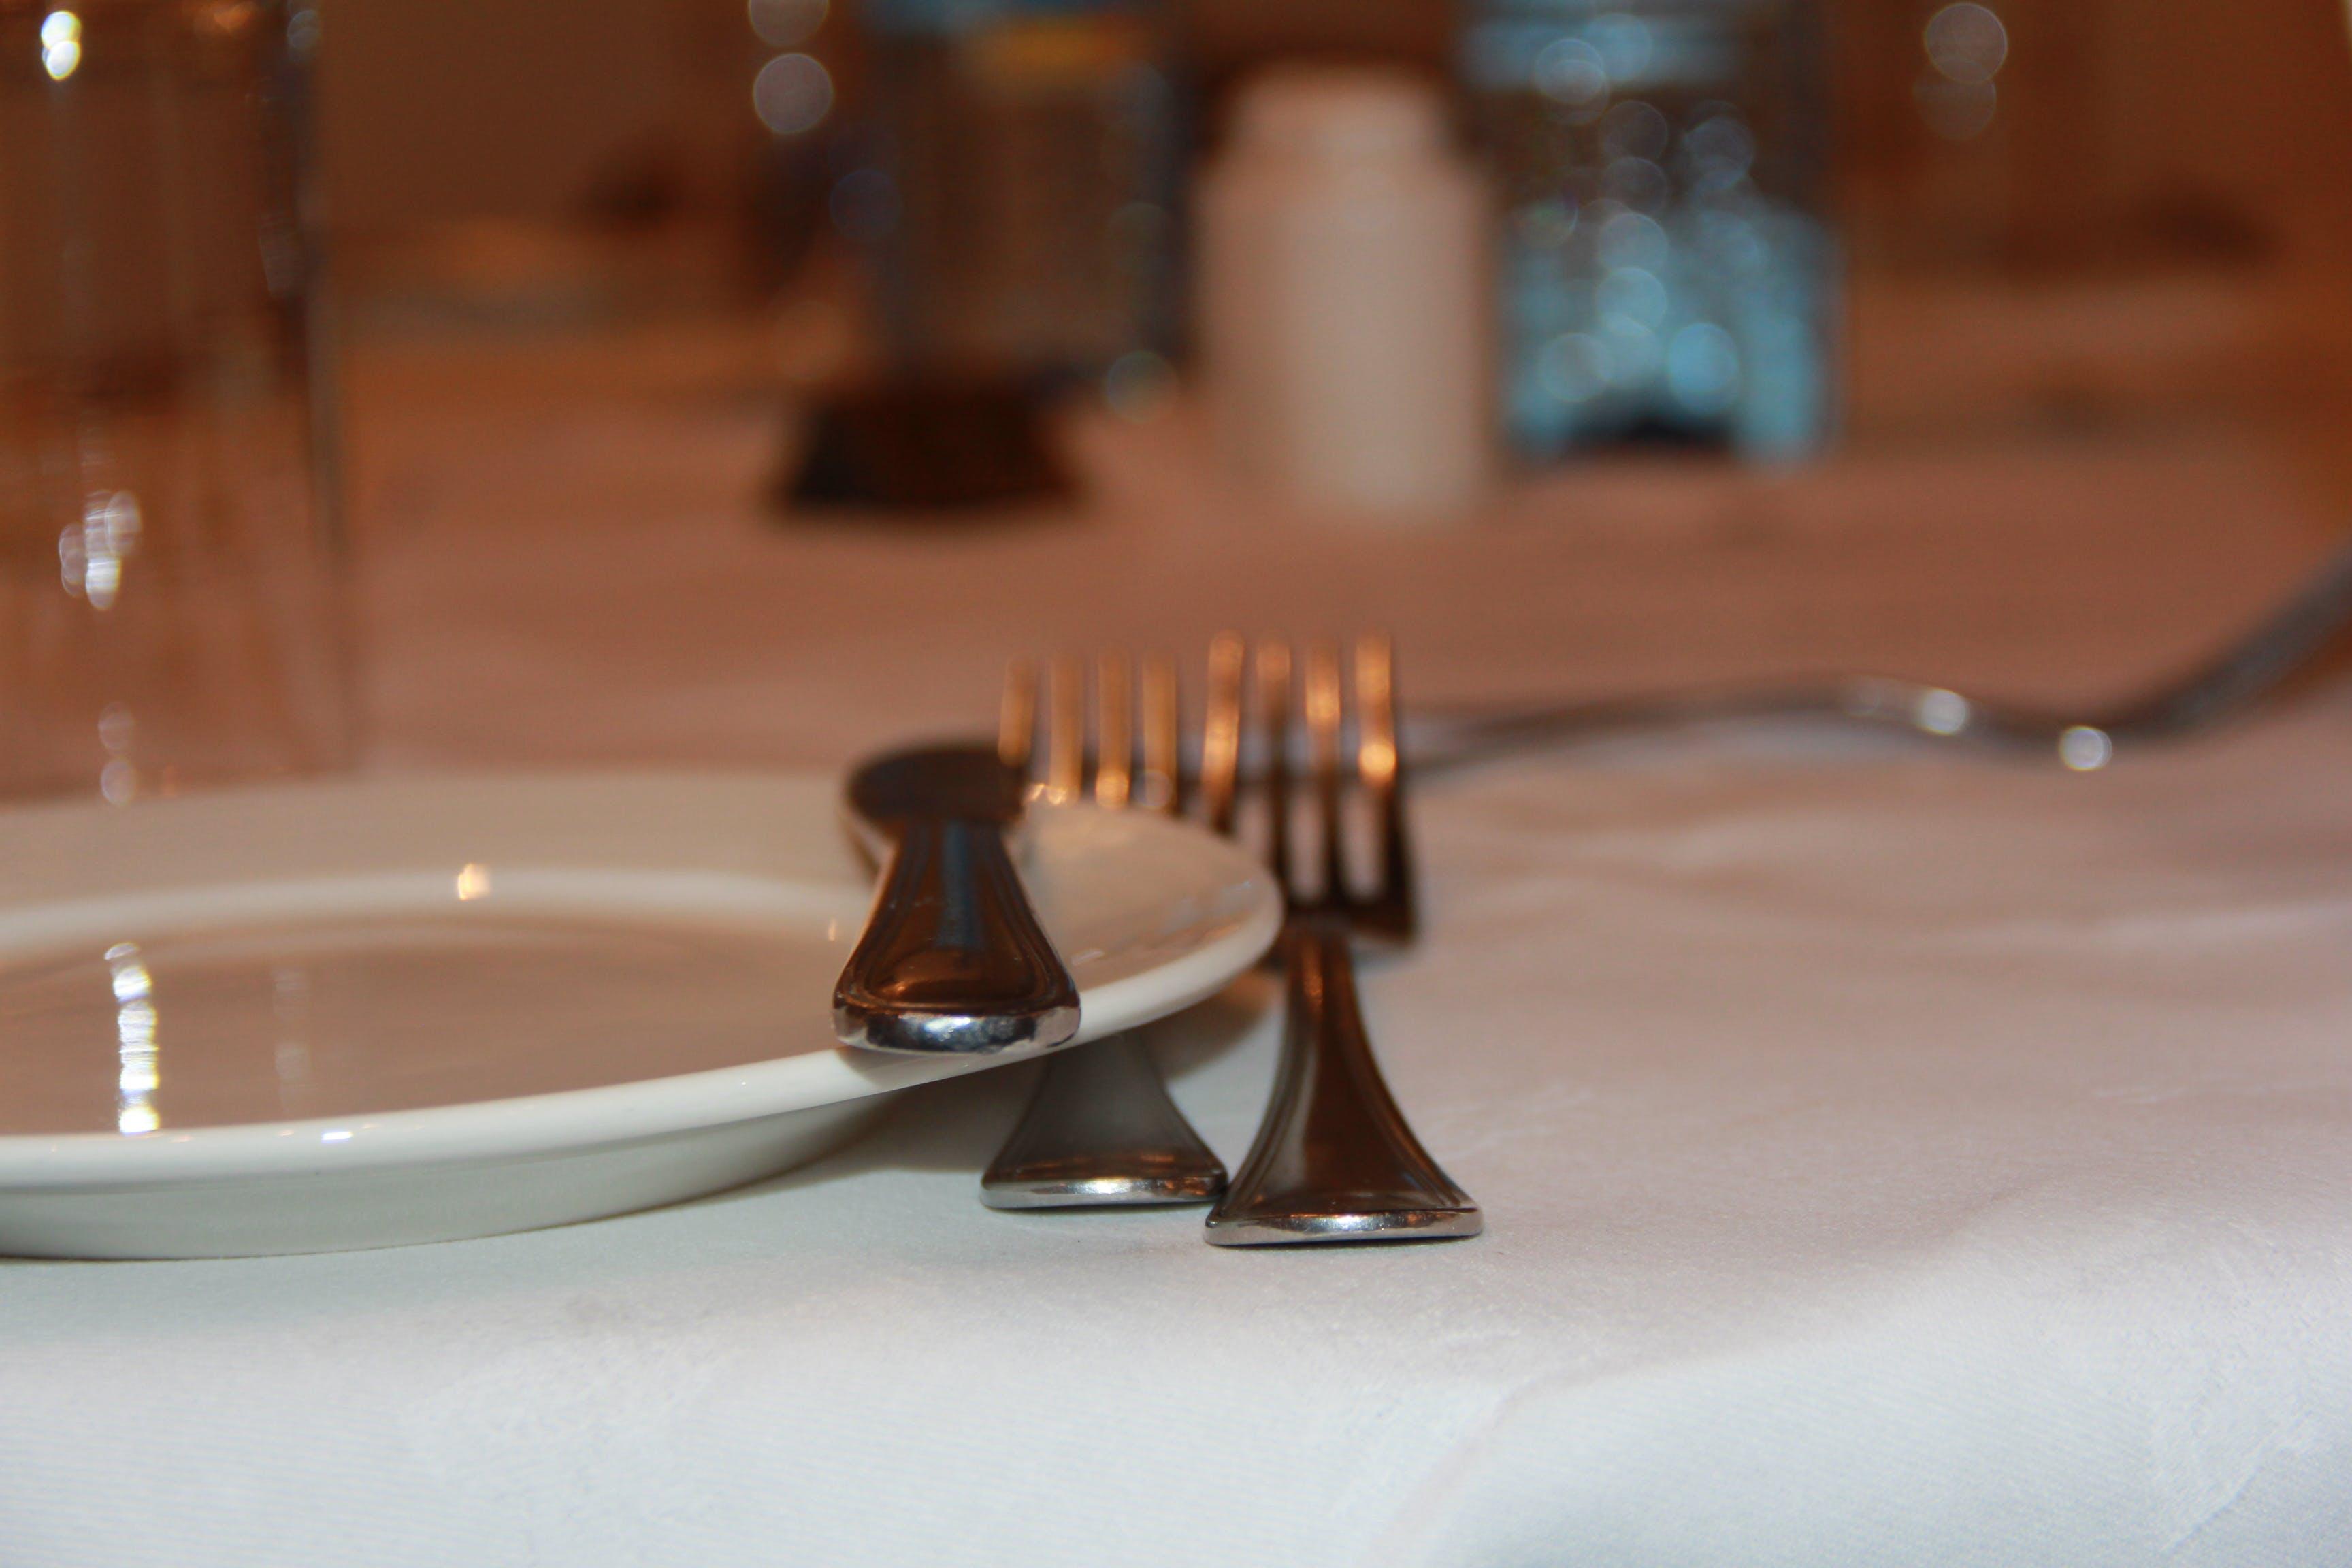 Kostnadsfri bild av dinningset, gafflar, hunger, middag